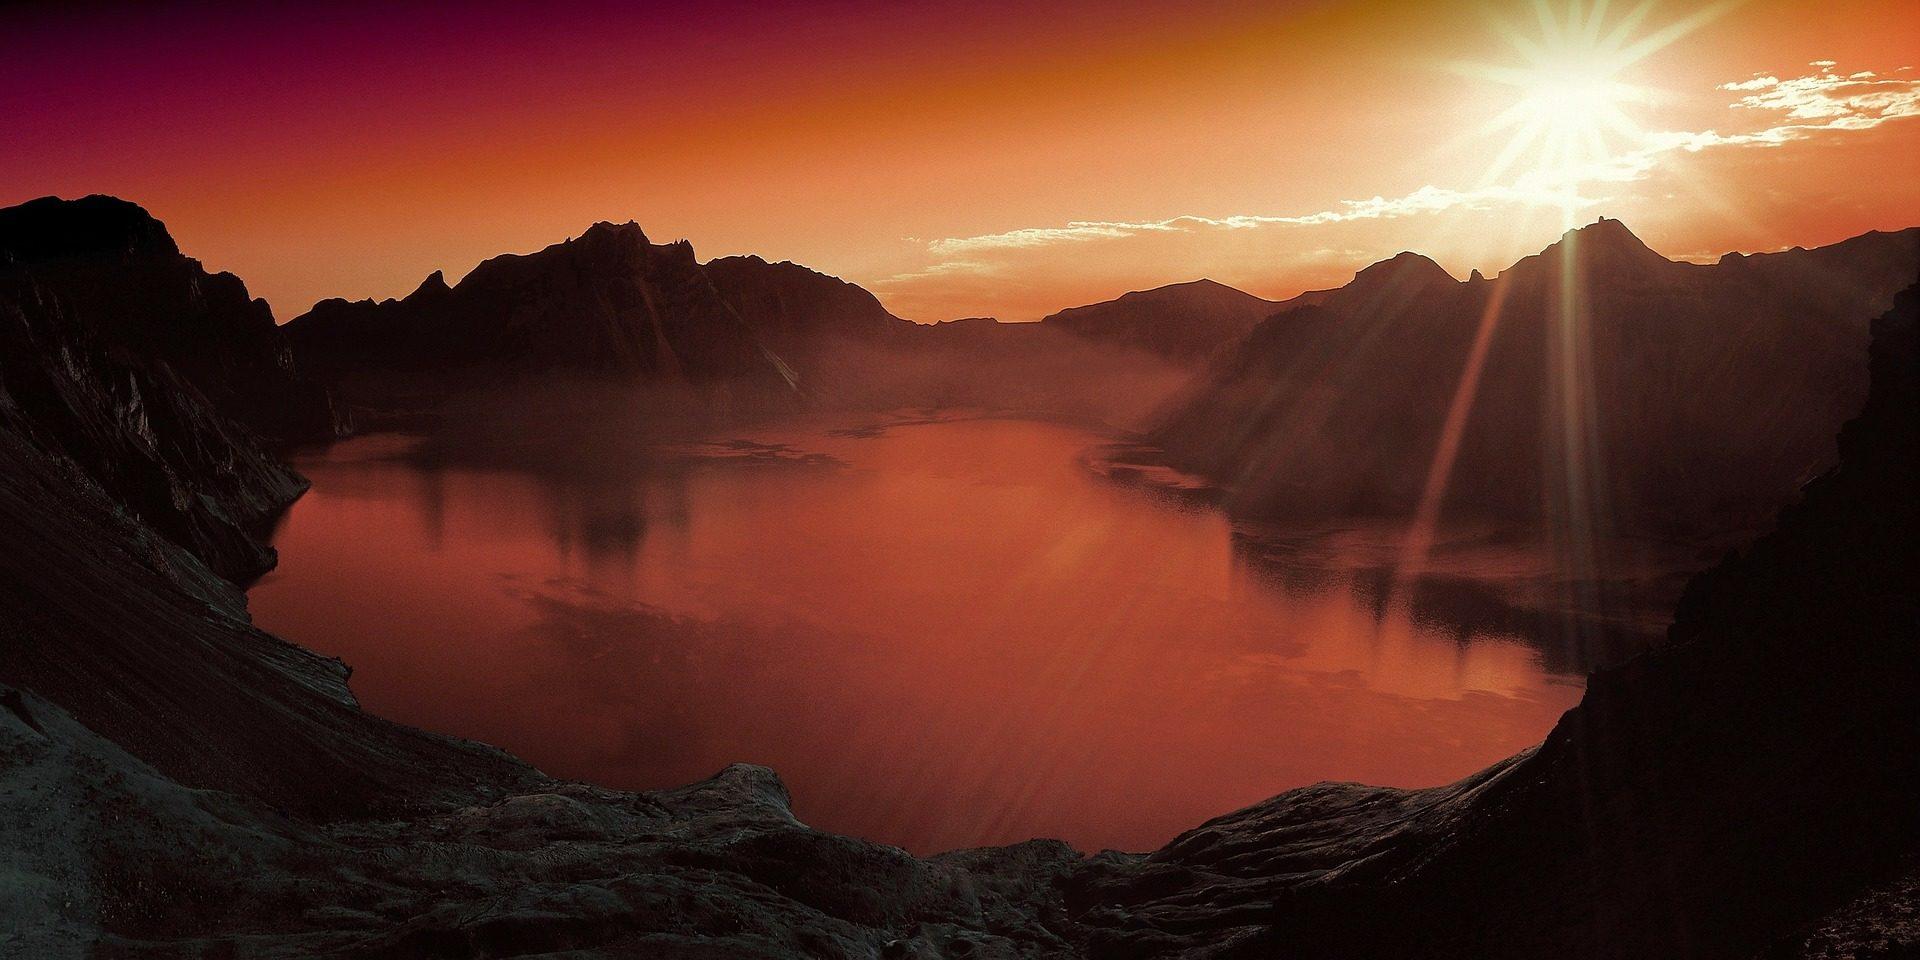 puesta, 太陽, 湖, 山, サンセット - HD の壁紙 - 教授-falken.com